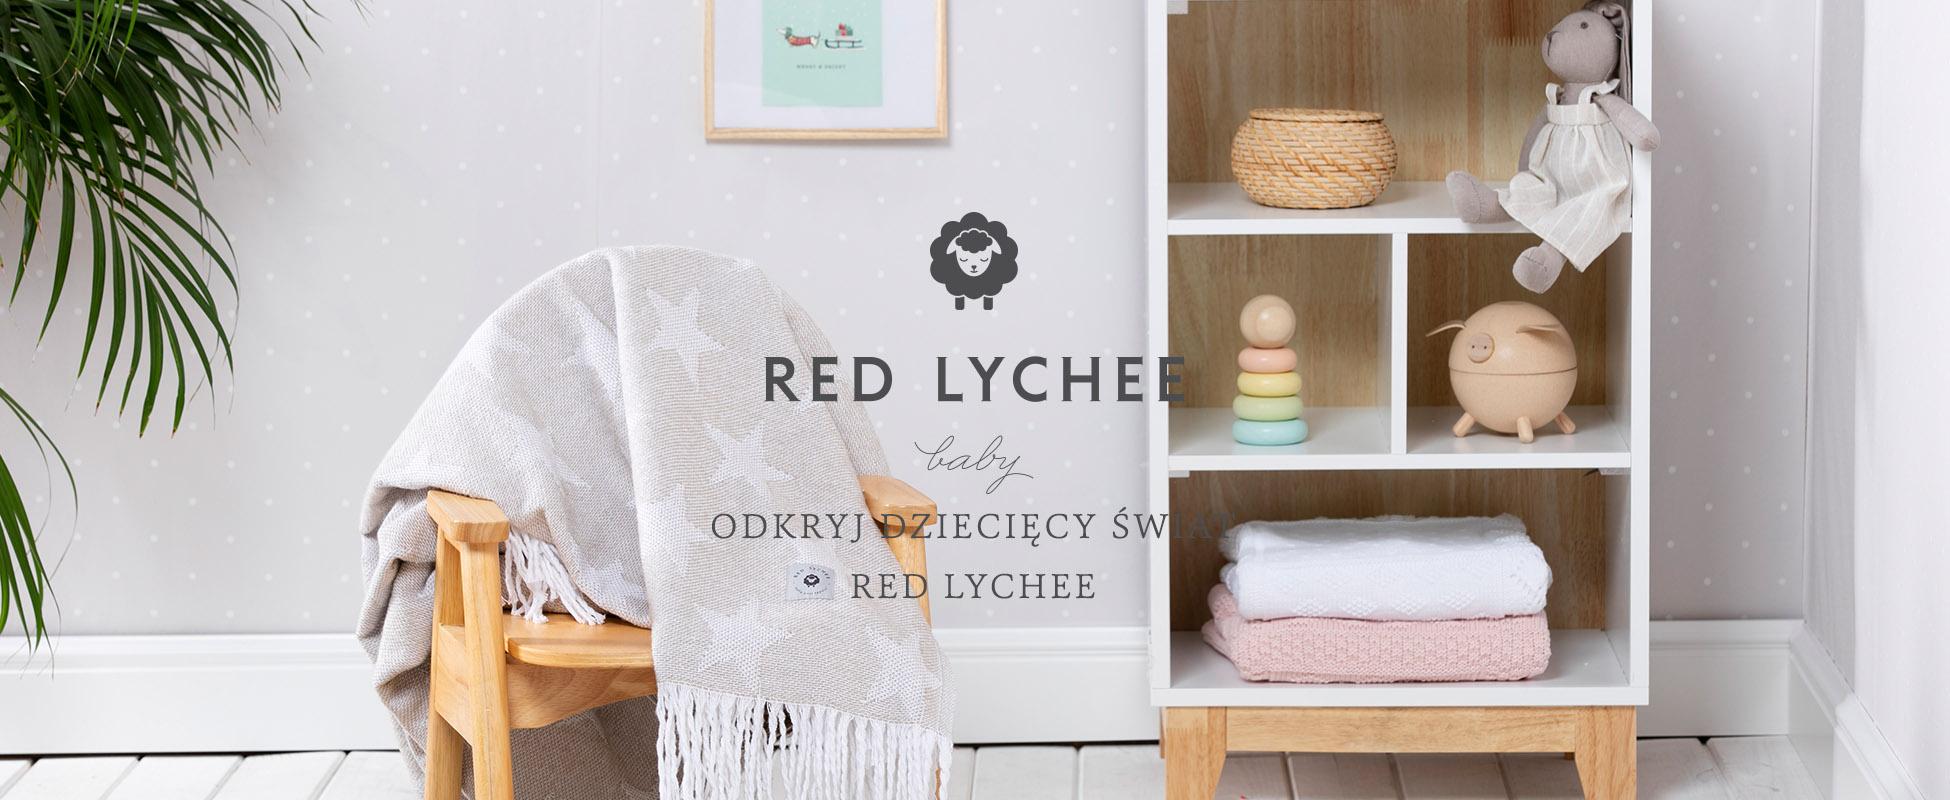 Kocyki Dziecięce Red Lychee Baby